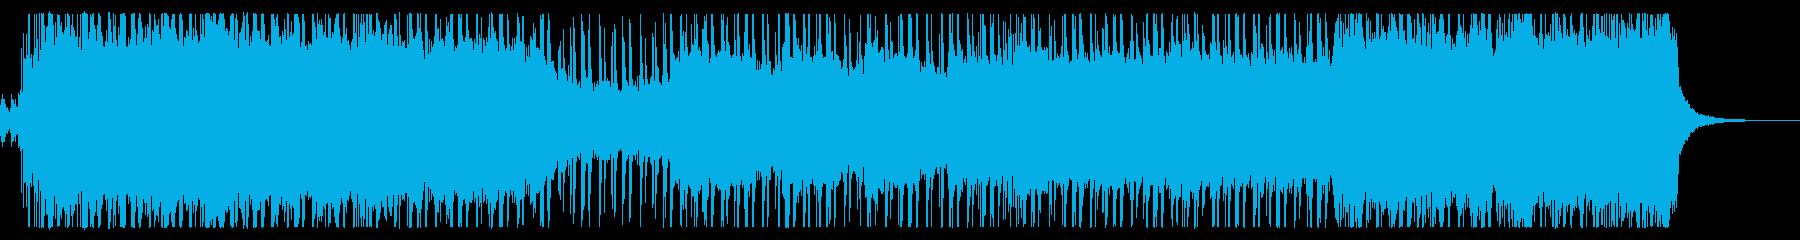 明るく爽やかなパンクロックの再生済みの波形